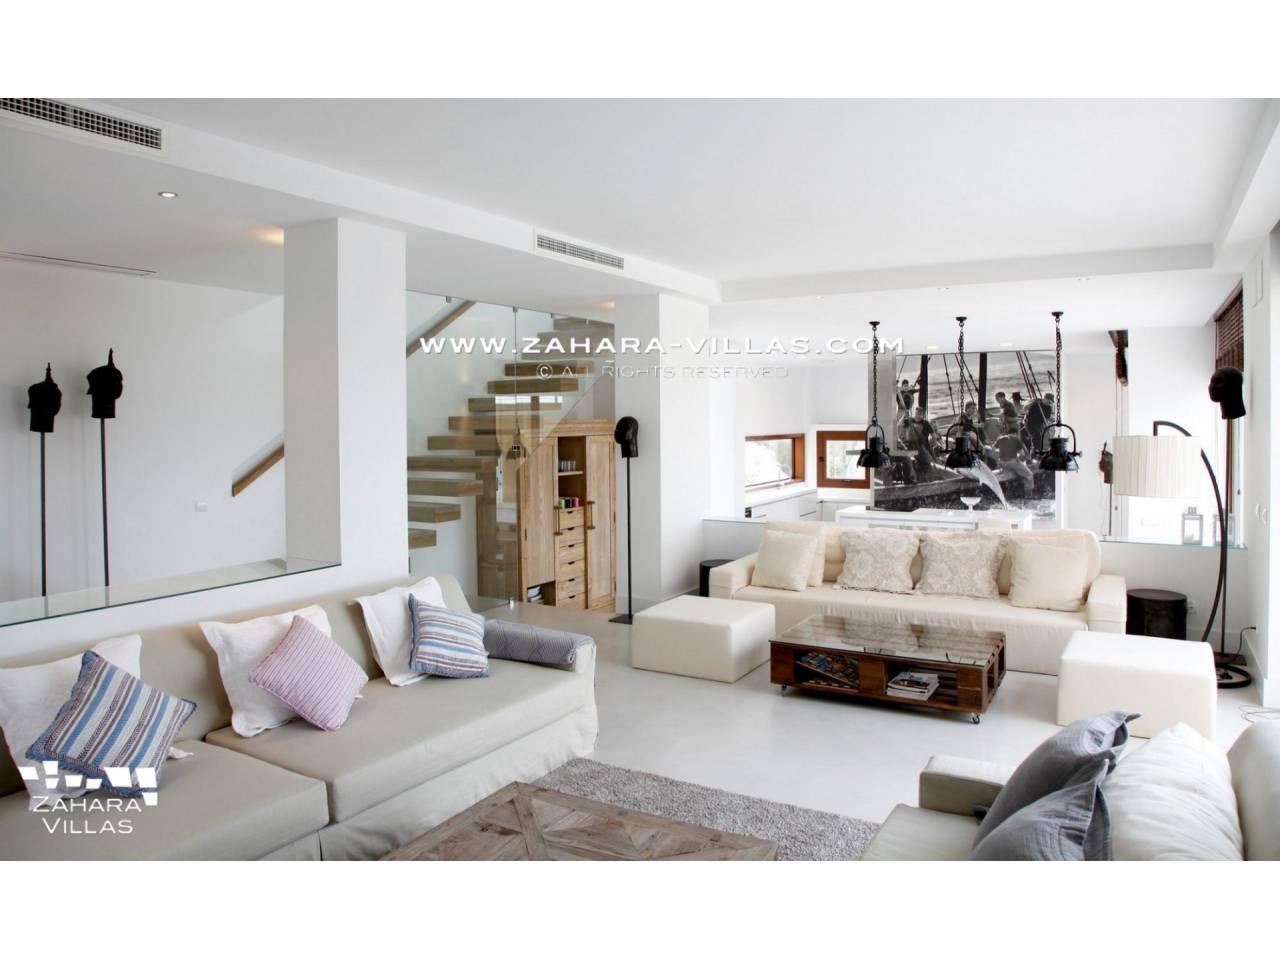 Imagen 5 de Schöne Villa mit Meerblick in Atlanterra